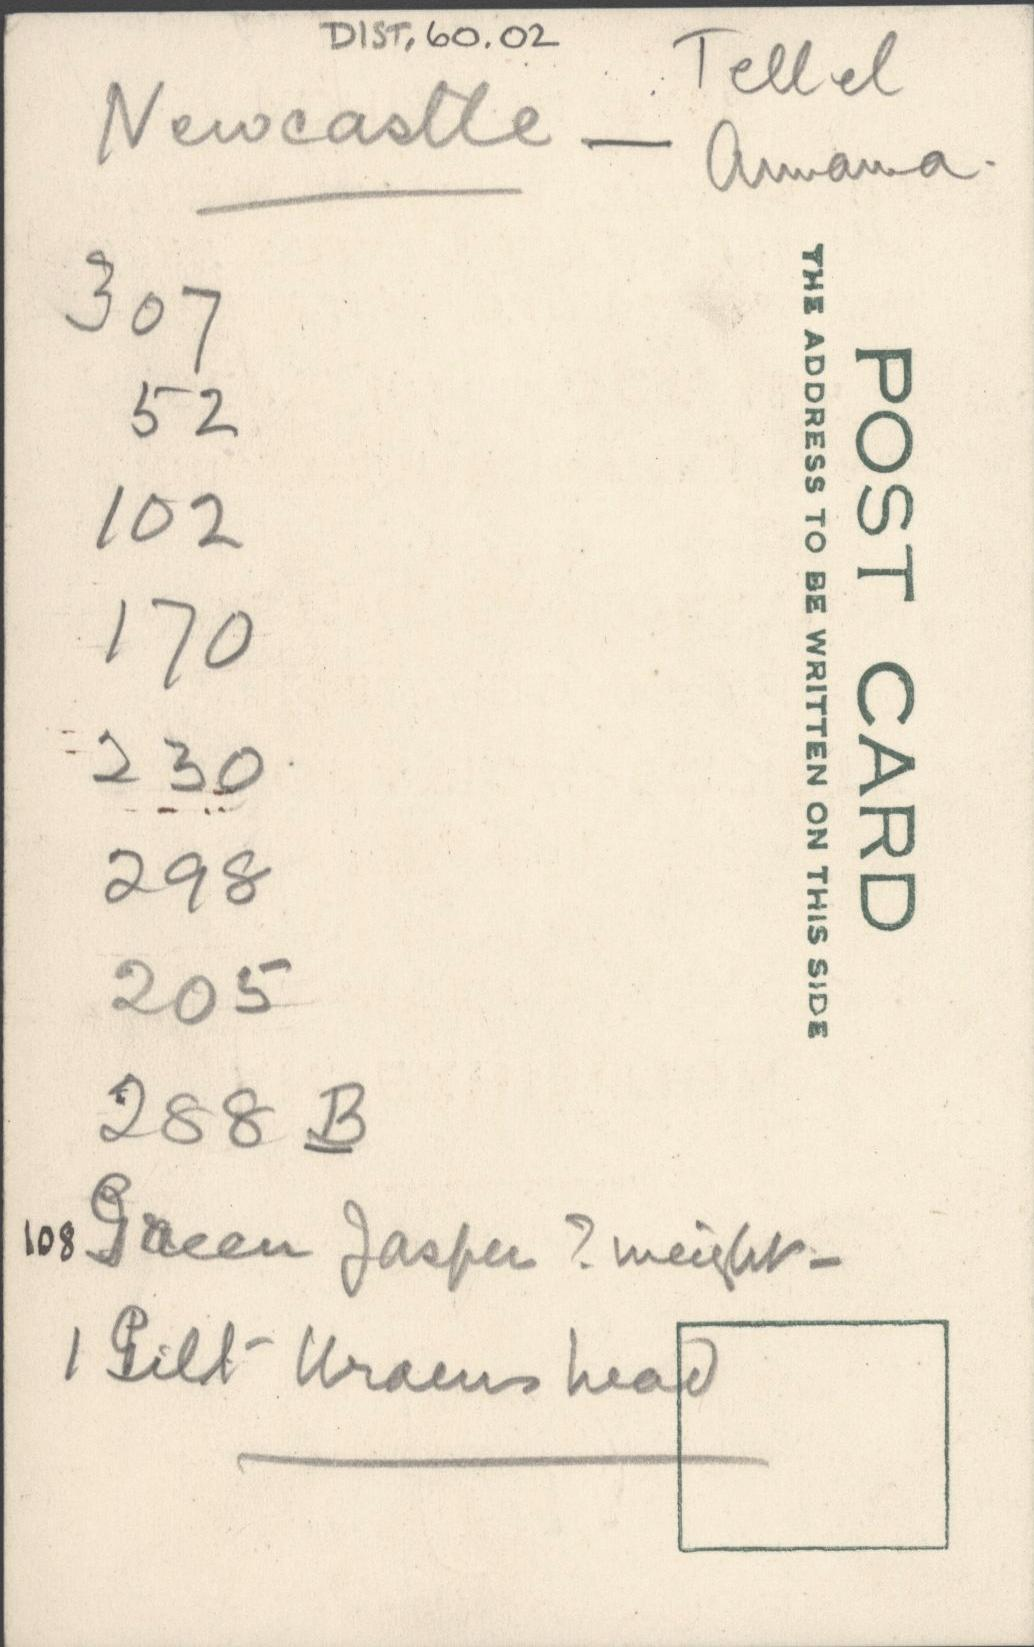 1935-37 el-Amarna DIST.60.02a